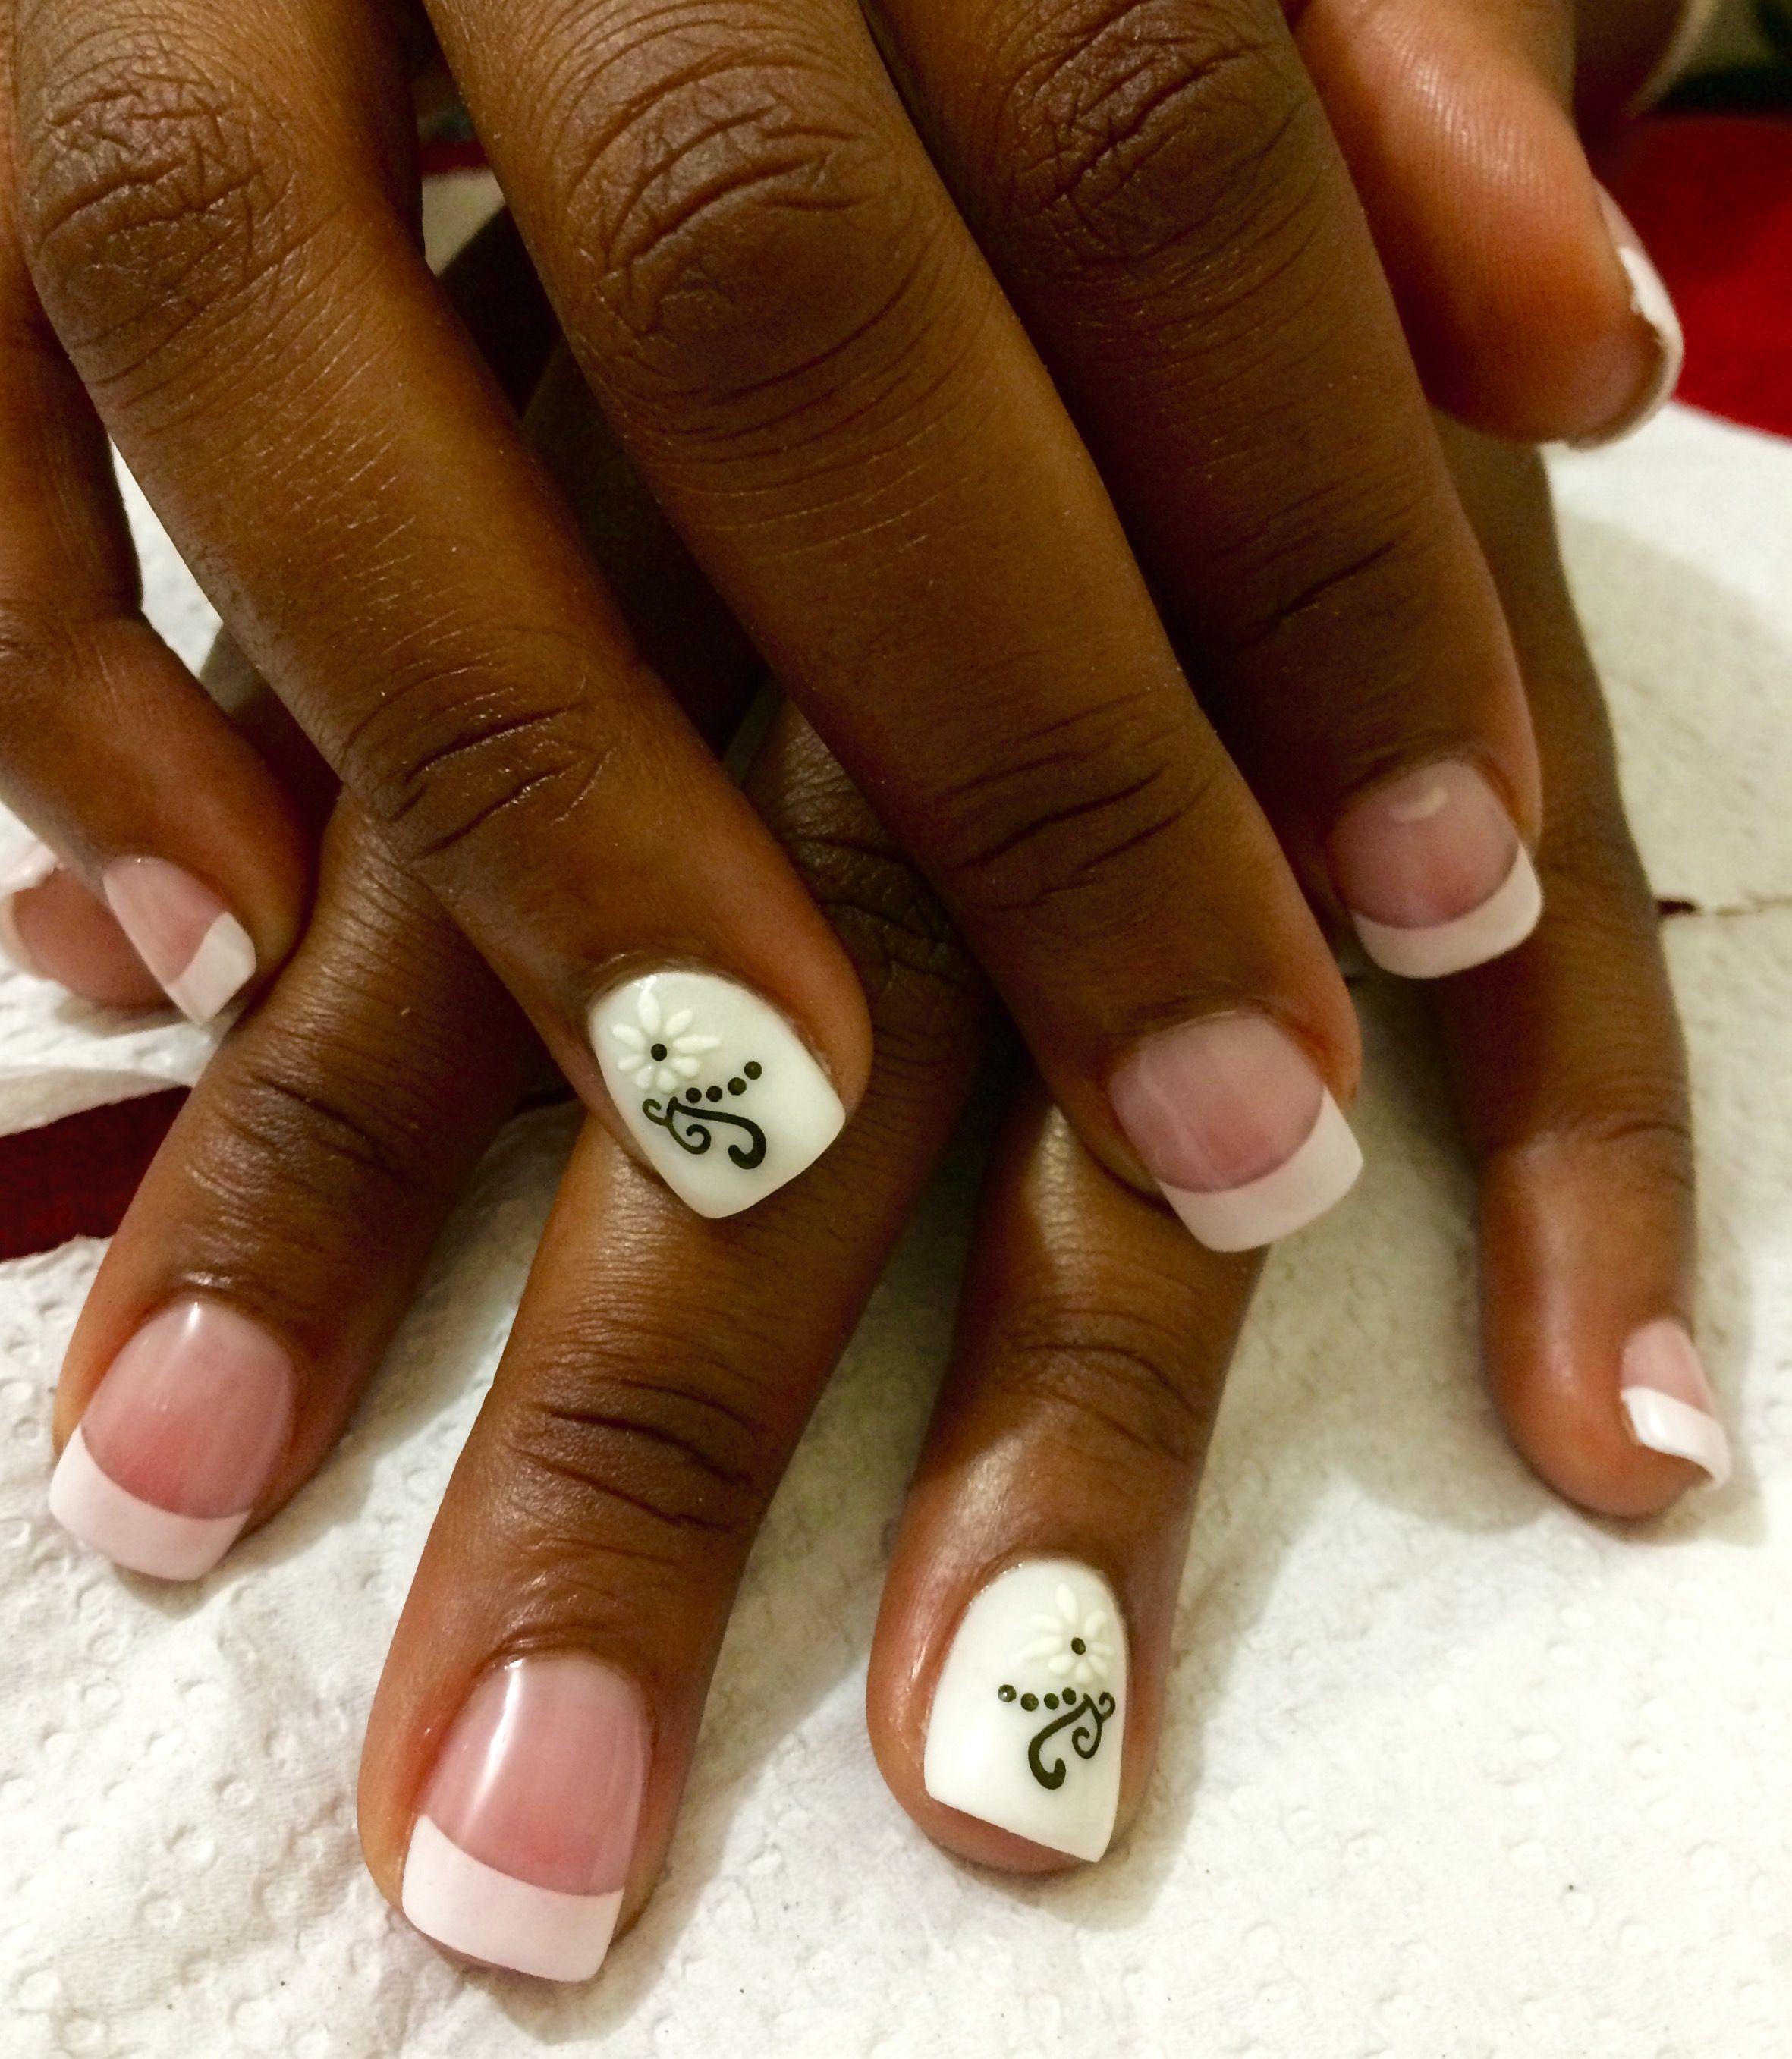 Acrylic nails nolundi sino pinterest